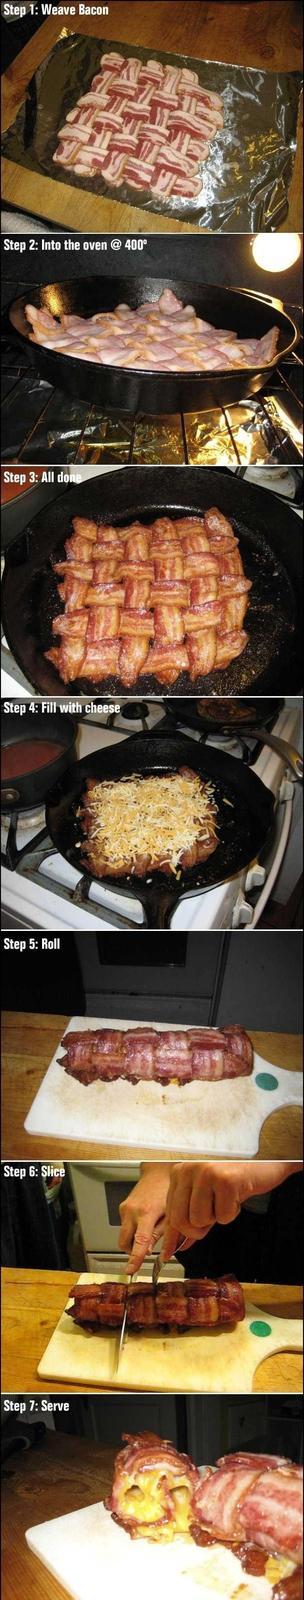 bacon_weave.jpg